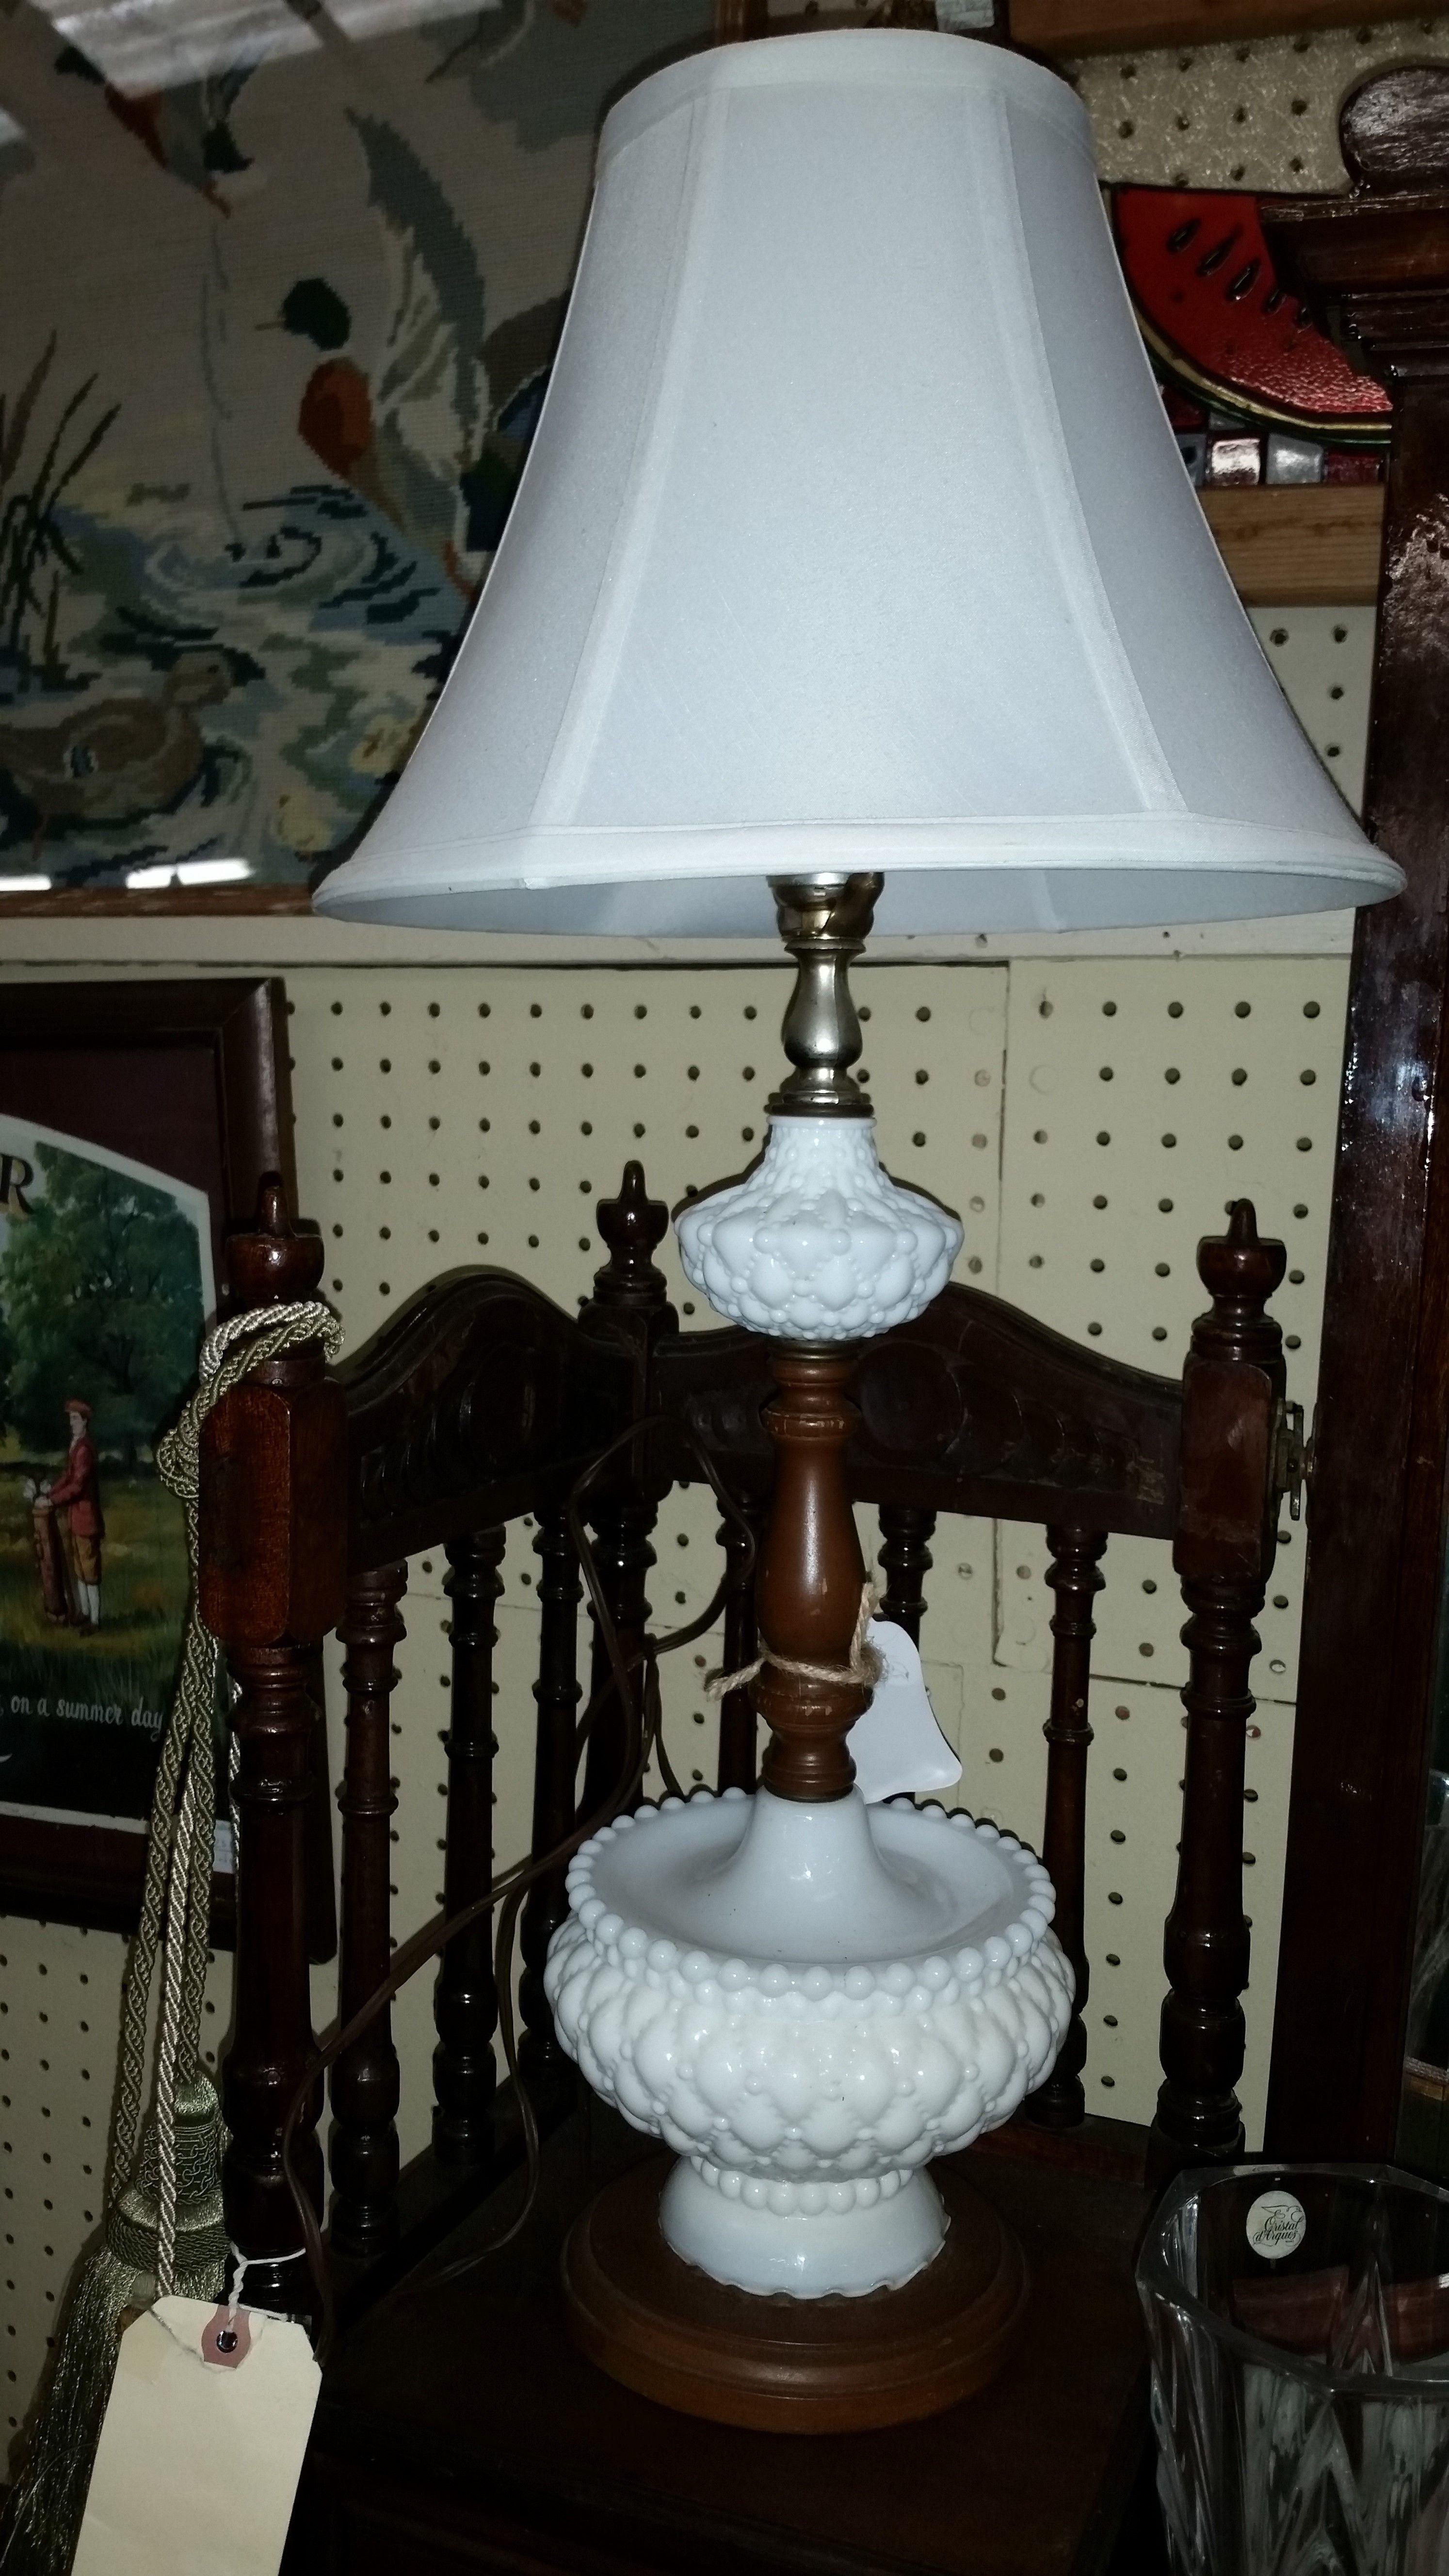 Lovely Vintage Milk Glass Lamp.  https://www.etsy.com/listing/204117870/hobnail-milk-glass-lamp?